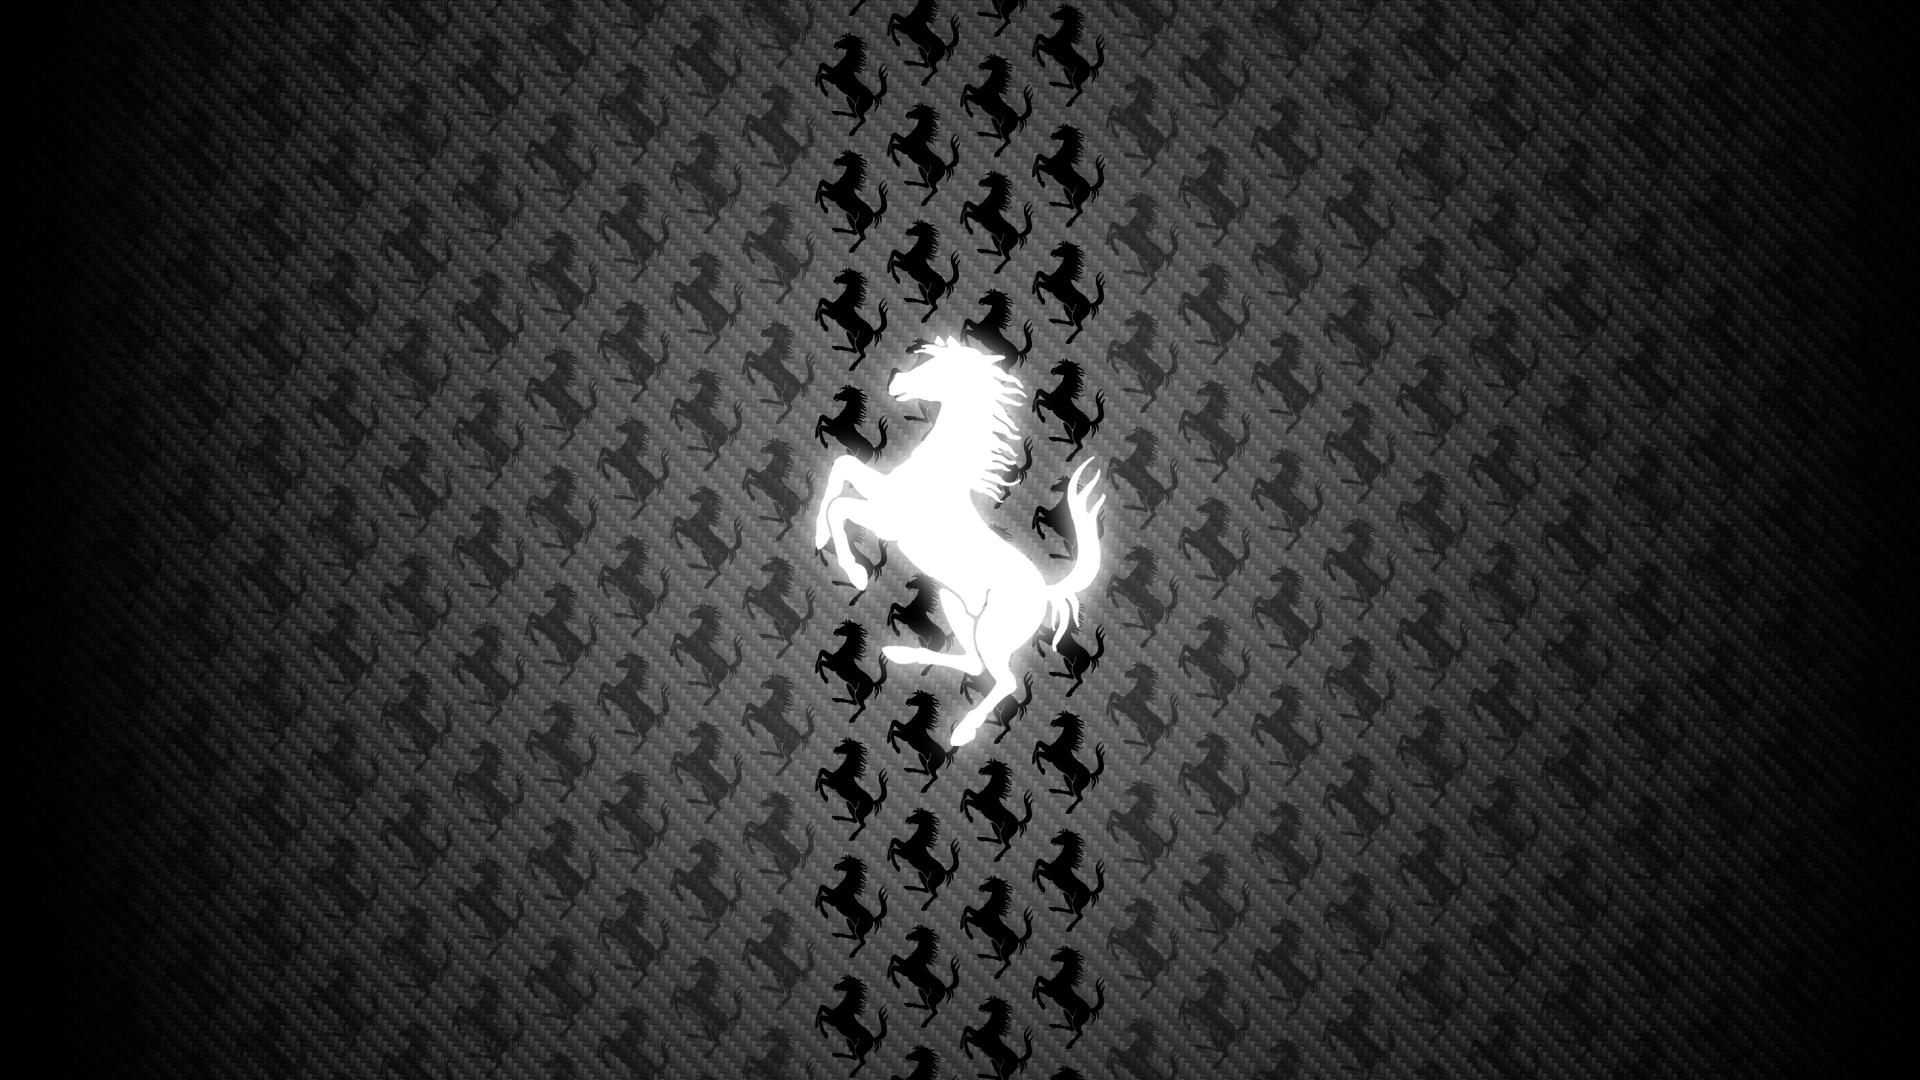 ferrari wallpaper 14 - Ferrari Logo Wallpaper Hd 1080p